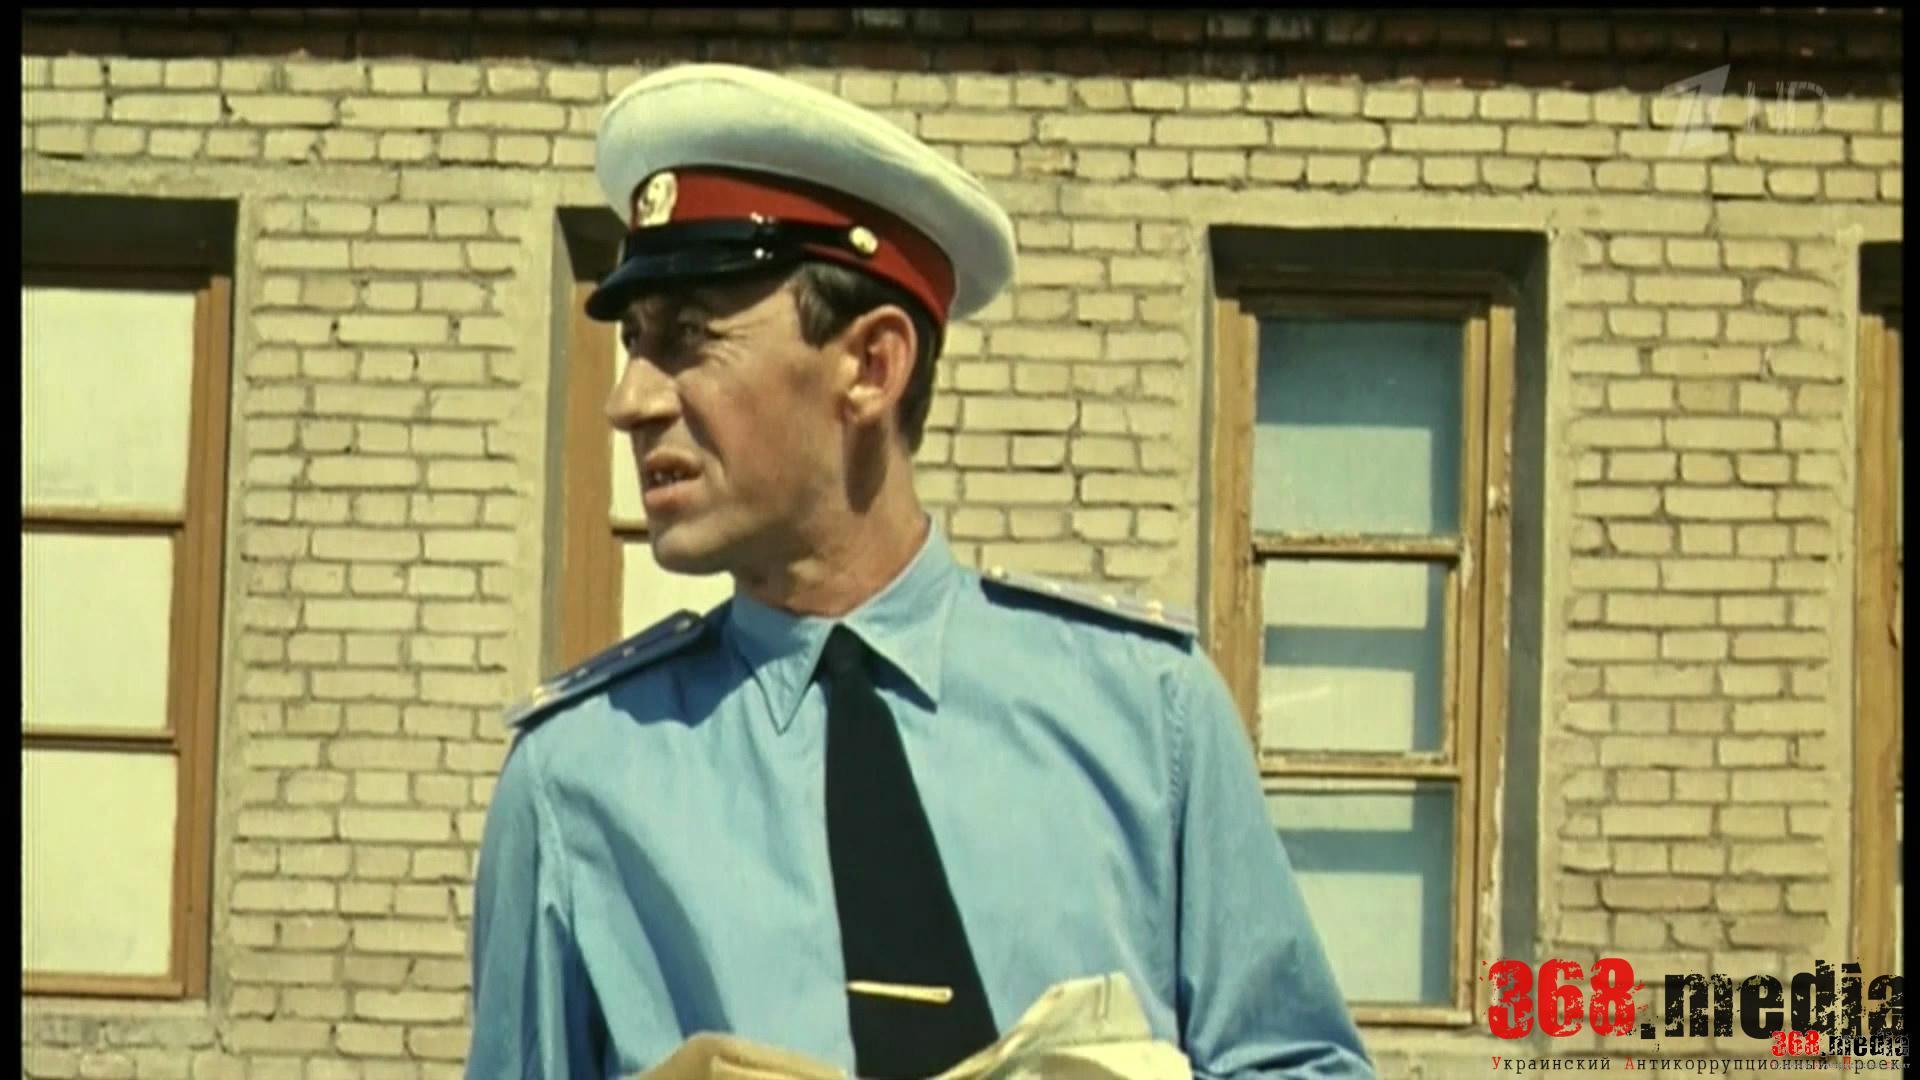 Два работника Одесской прокуратуры учили дебош в Ровно – общественник